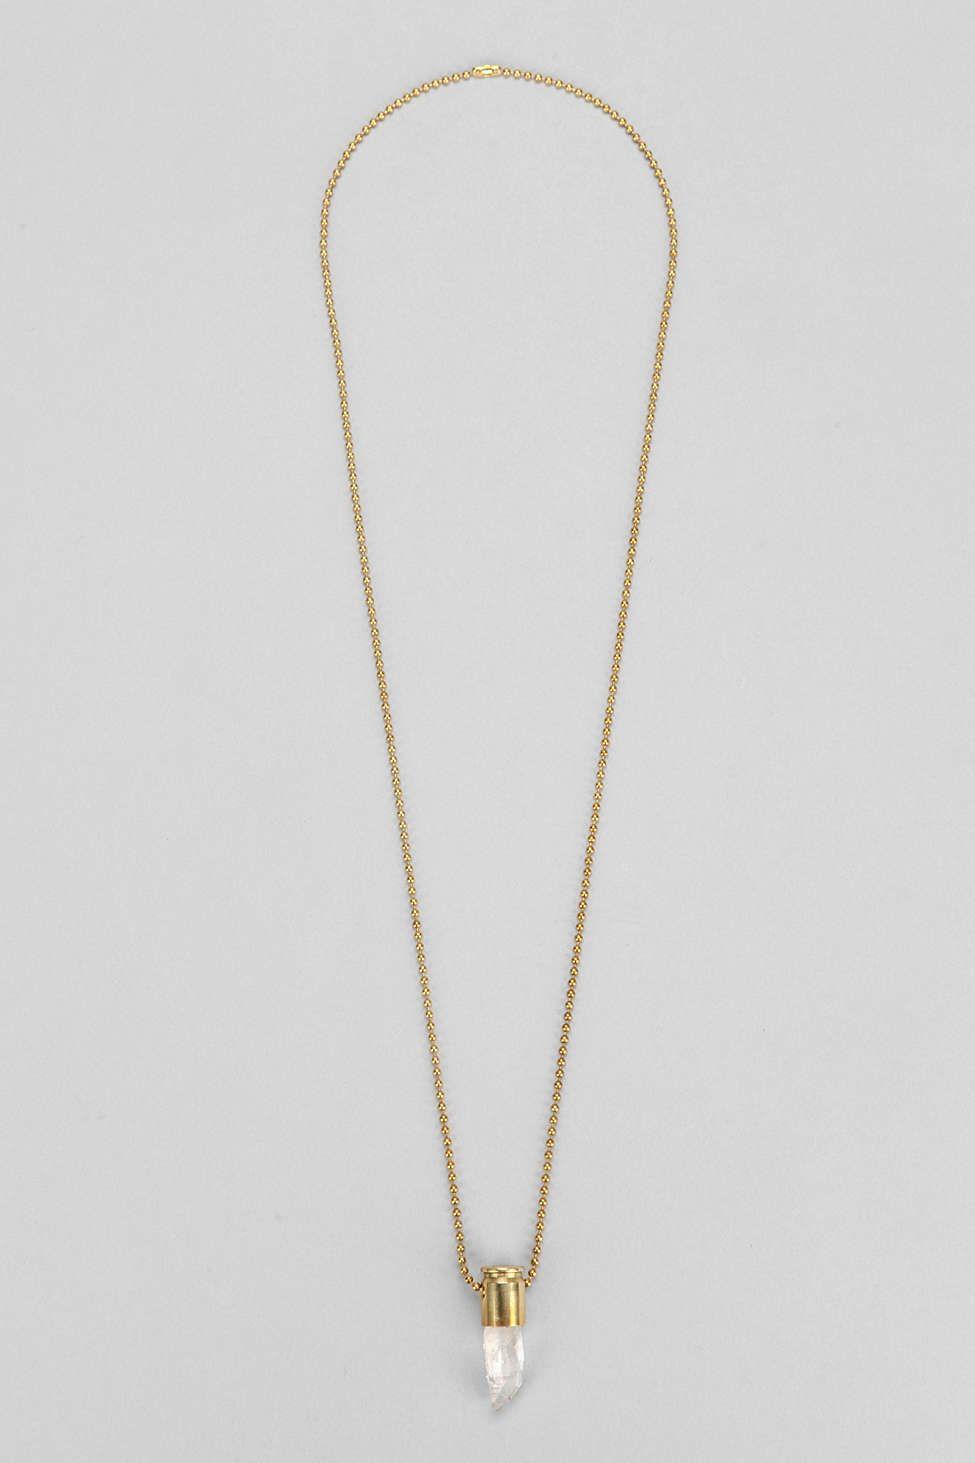 Lovebullets Arkansas Crystal Necklace